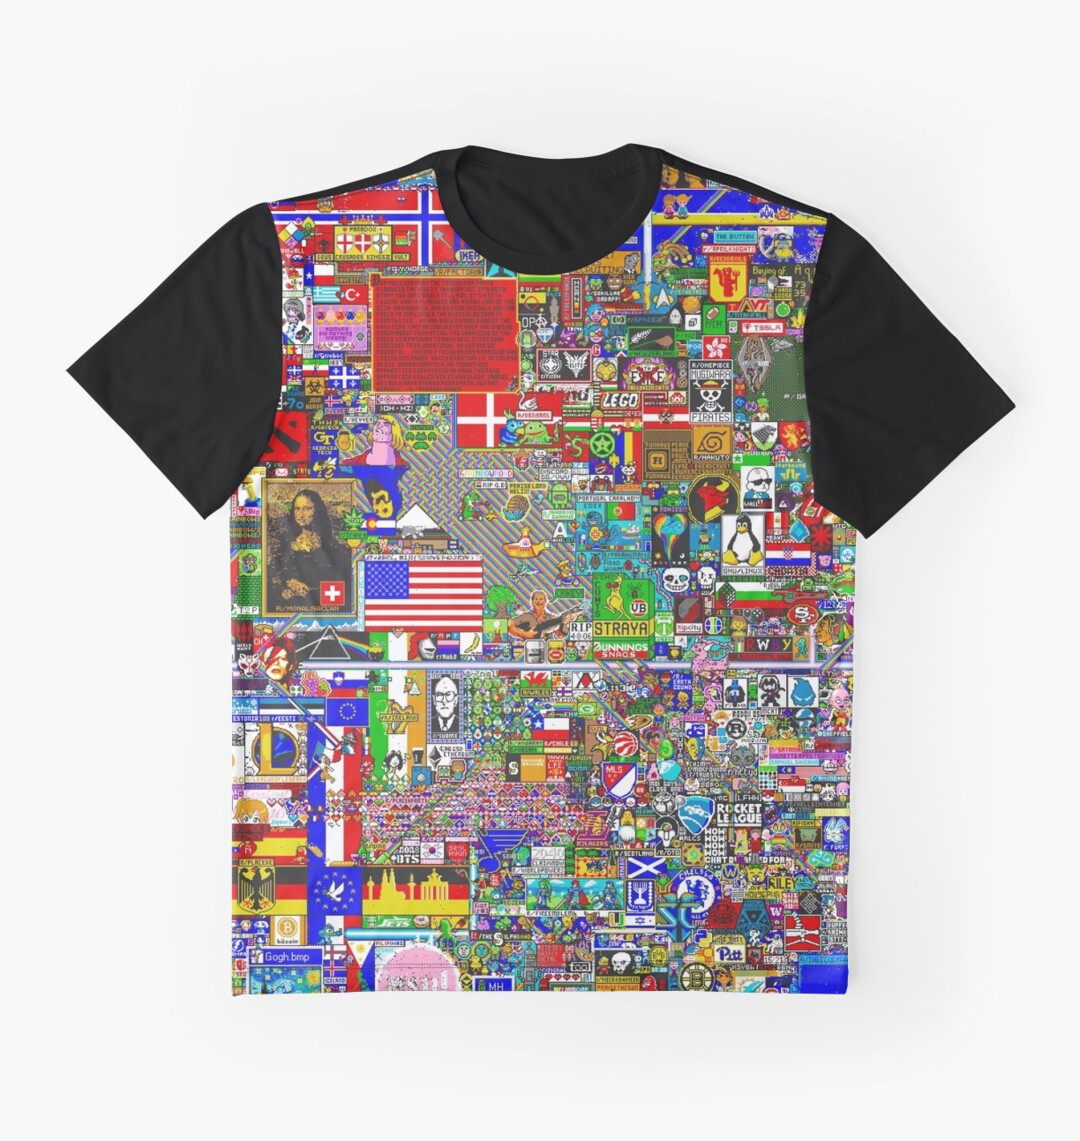 Shirt design reddit - Reddit Place